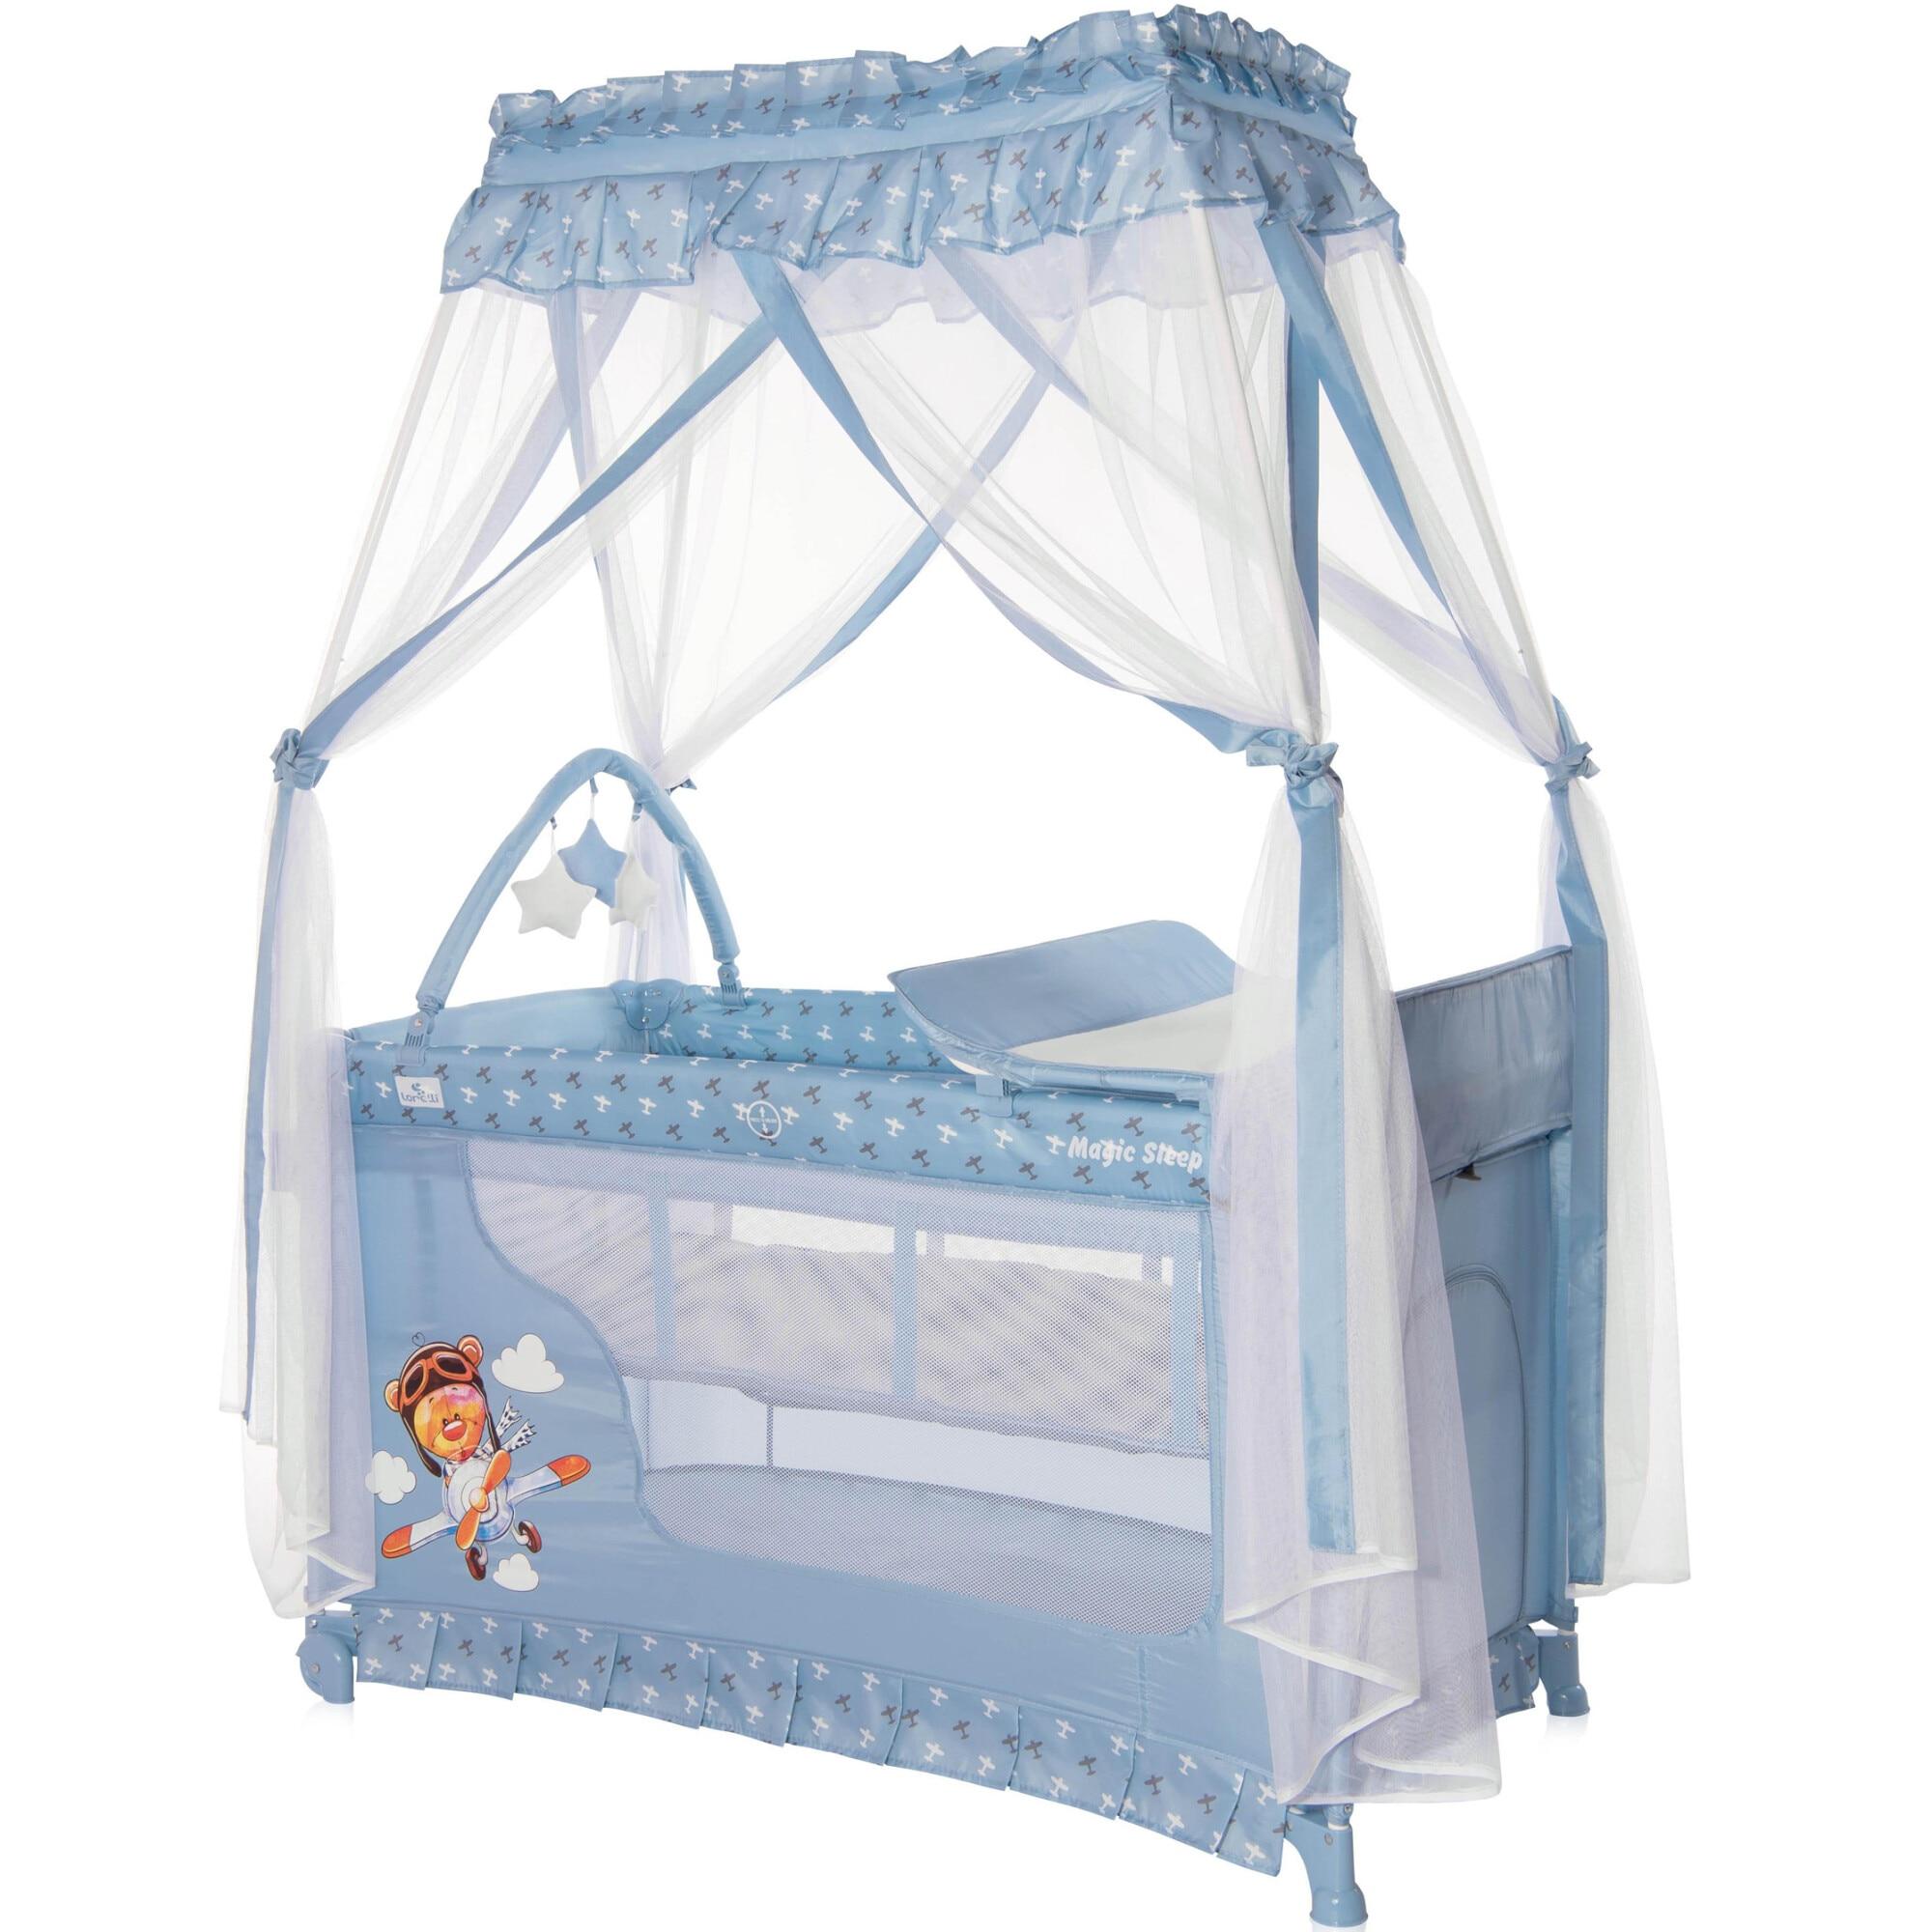 Fotografie Patut pliabil stil baldachin, Lorelli, Magic Sleep, cu accesorii, Blue Adventure, colectie 2021